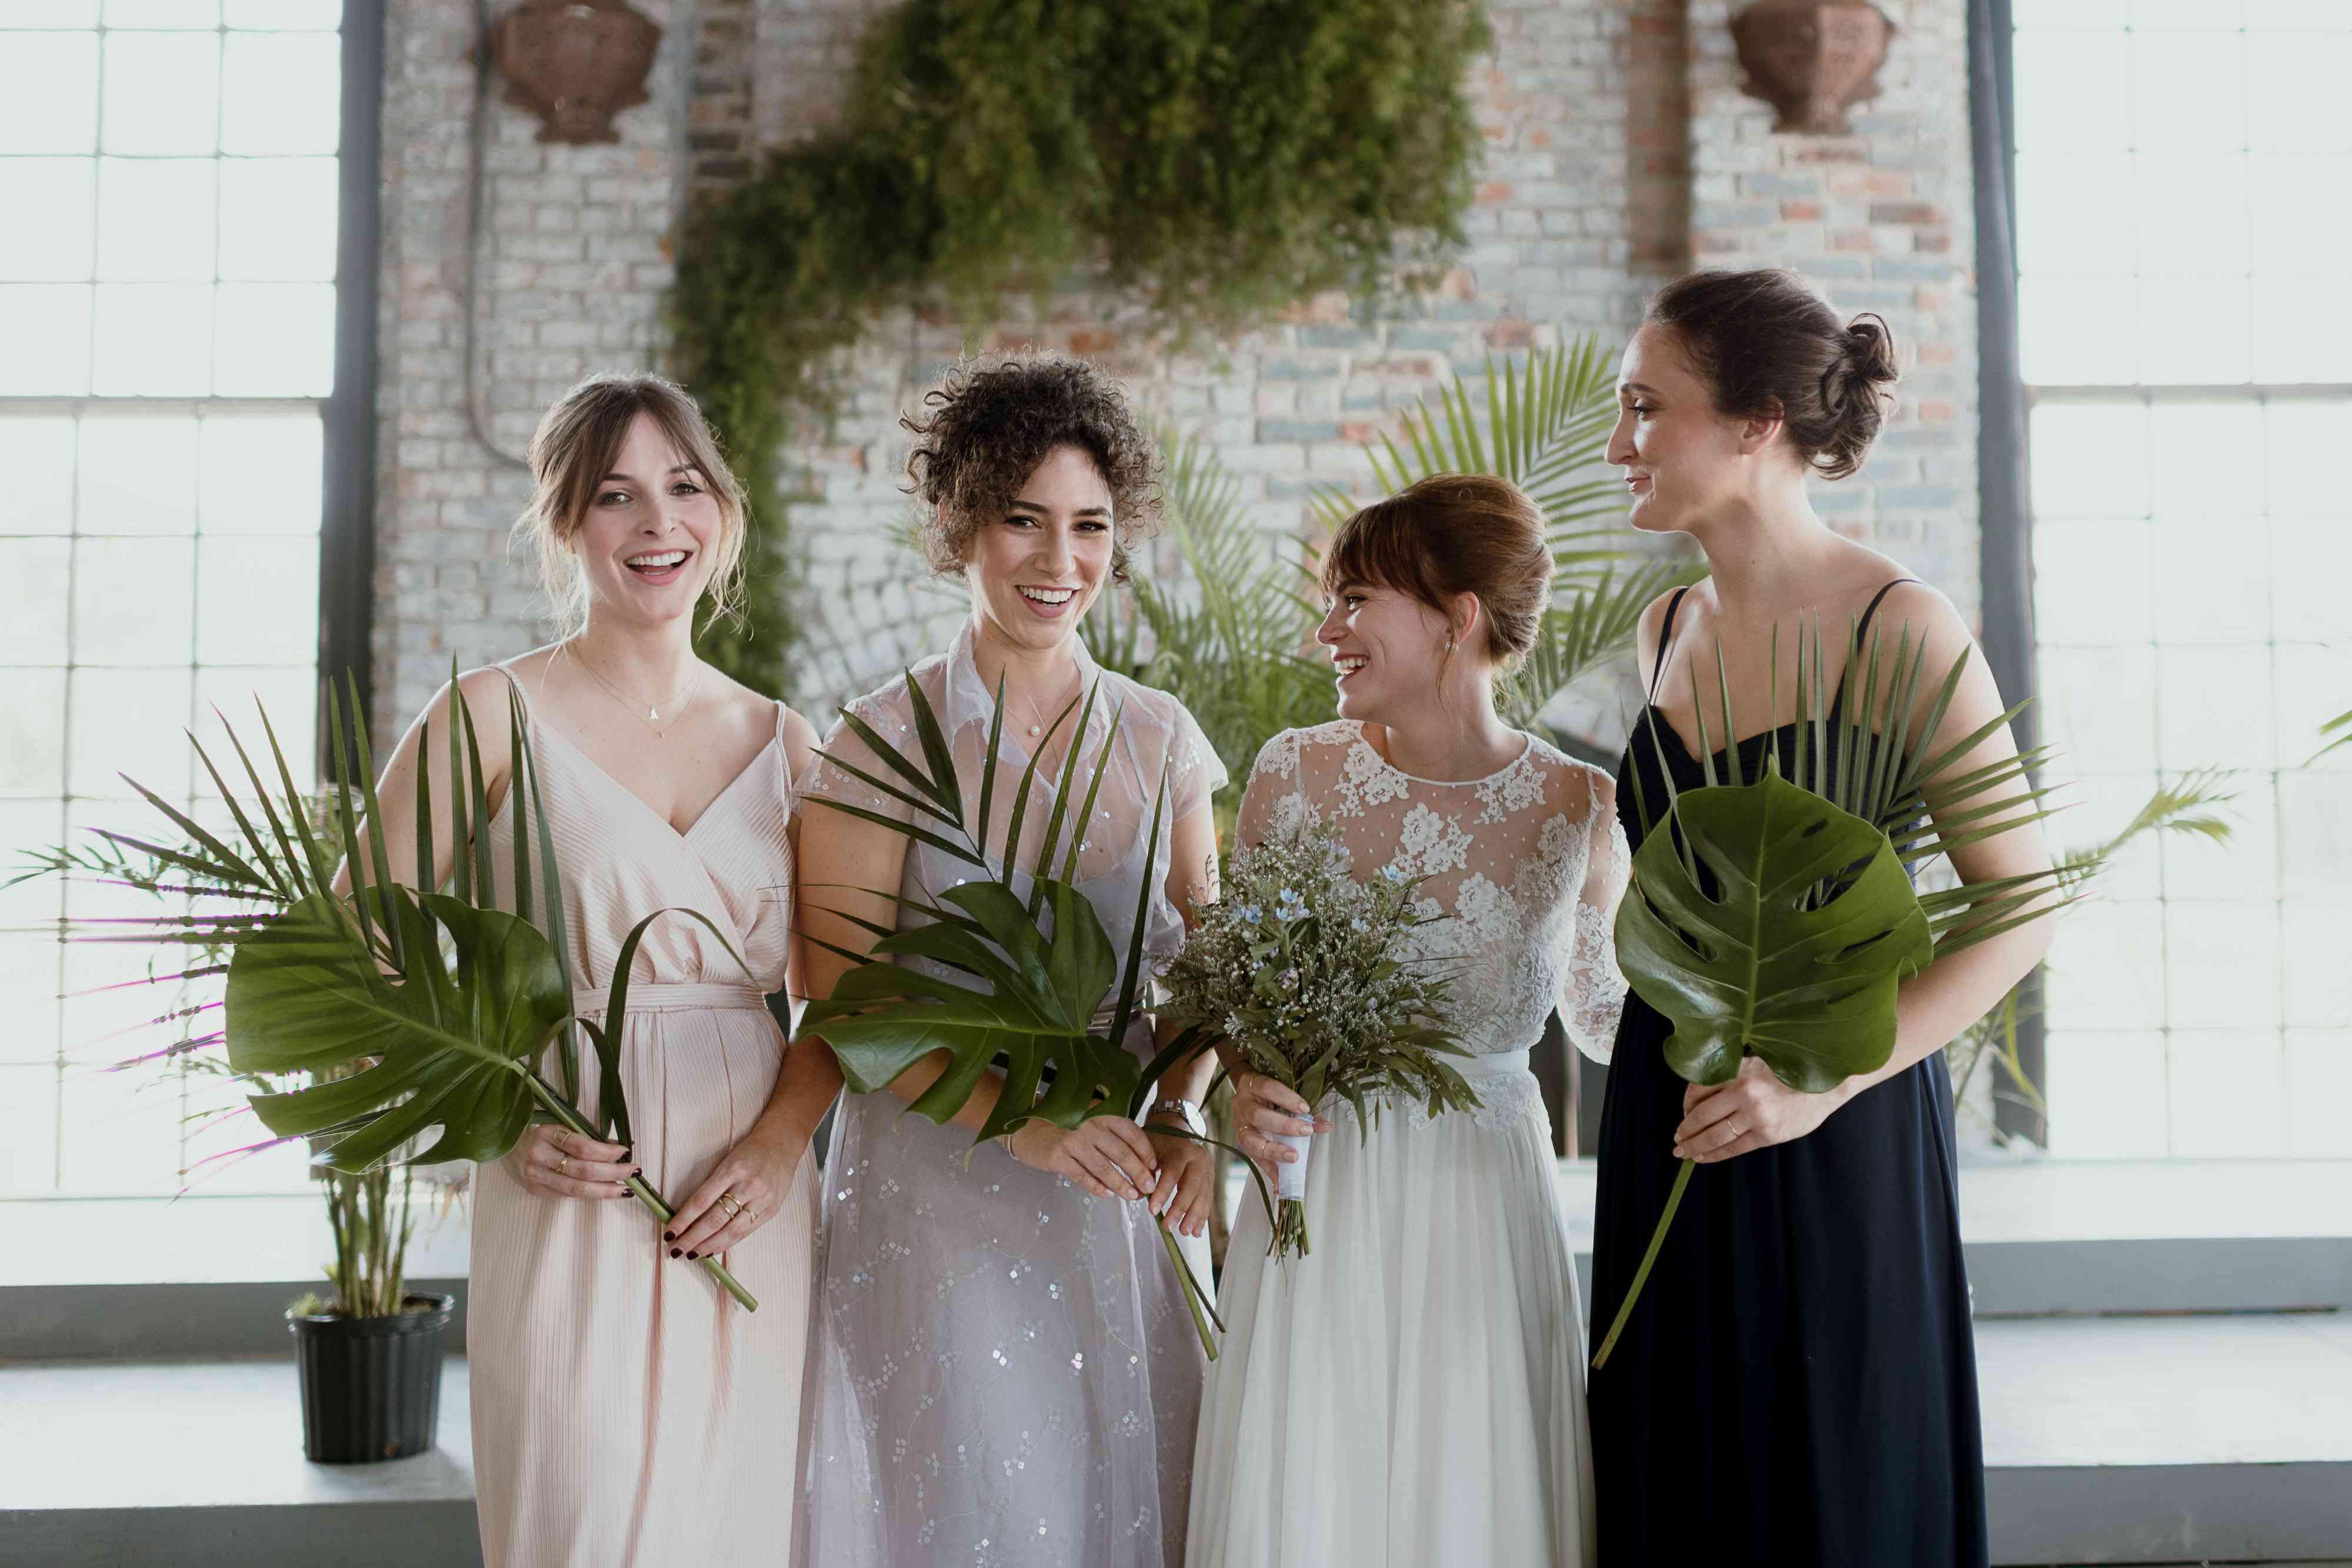 <p>mismatched bridesmaids</p><br><br>